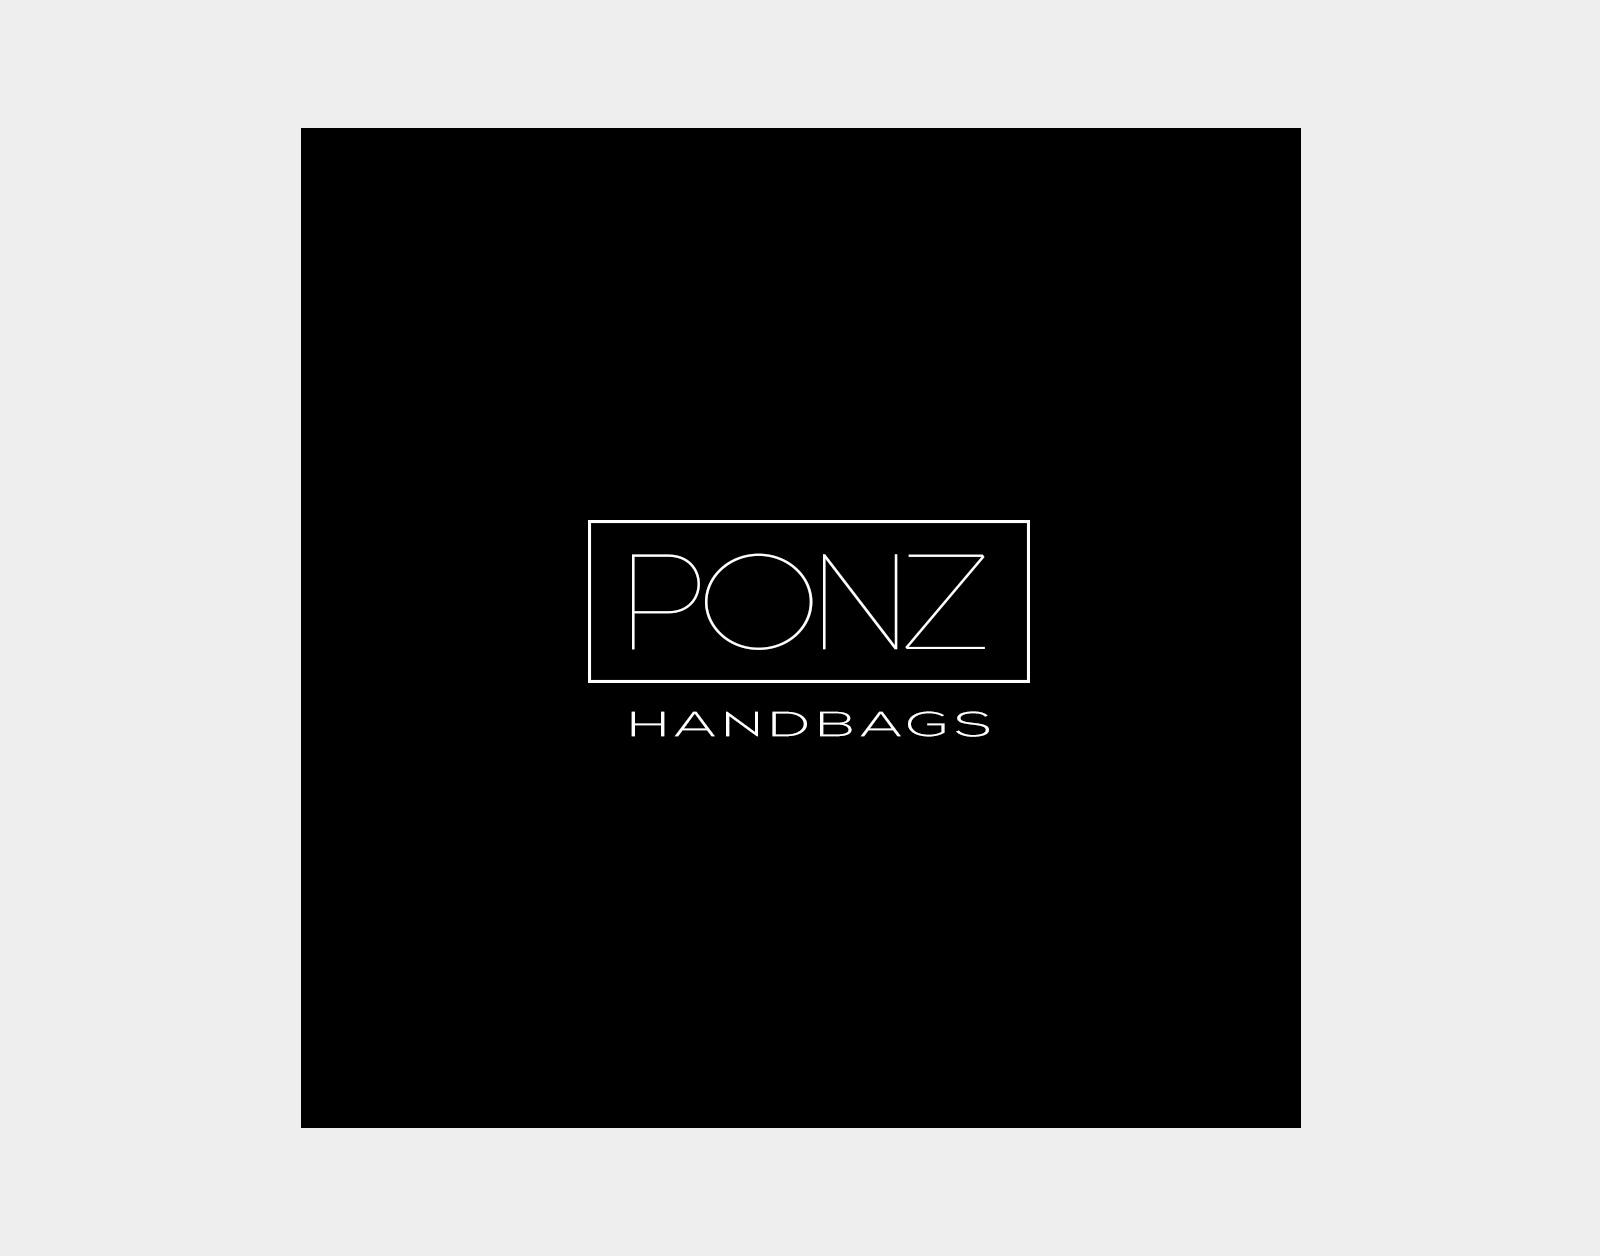 ponz_logo